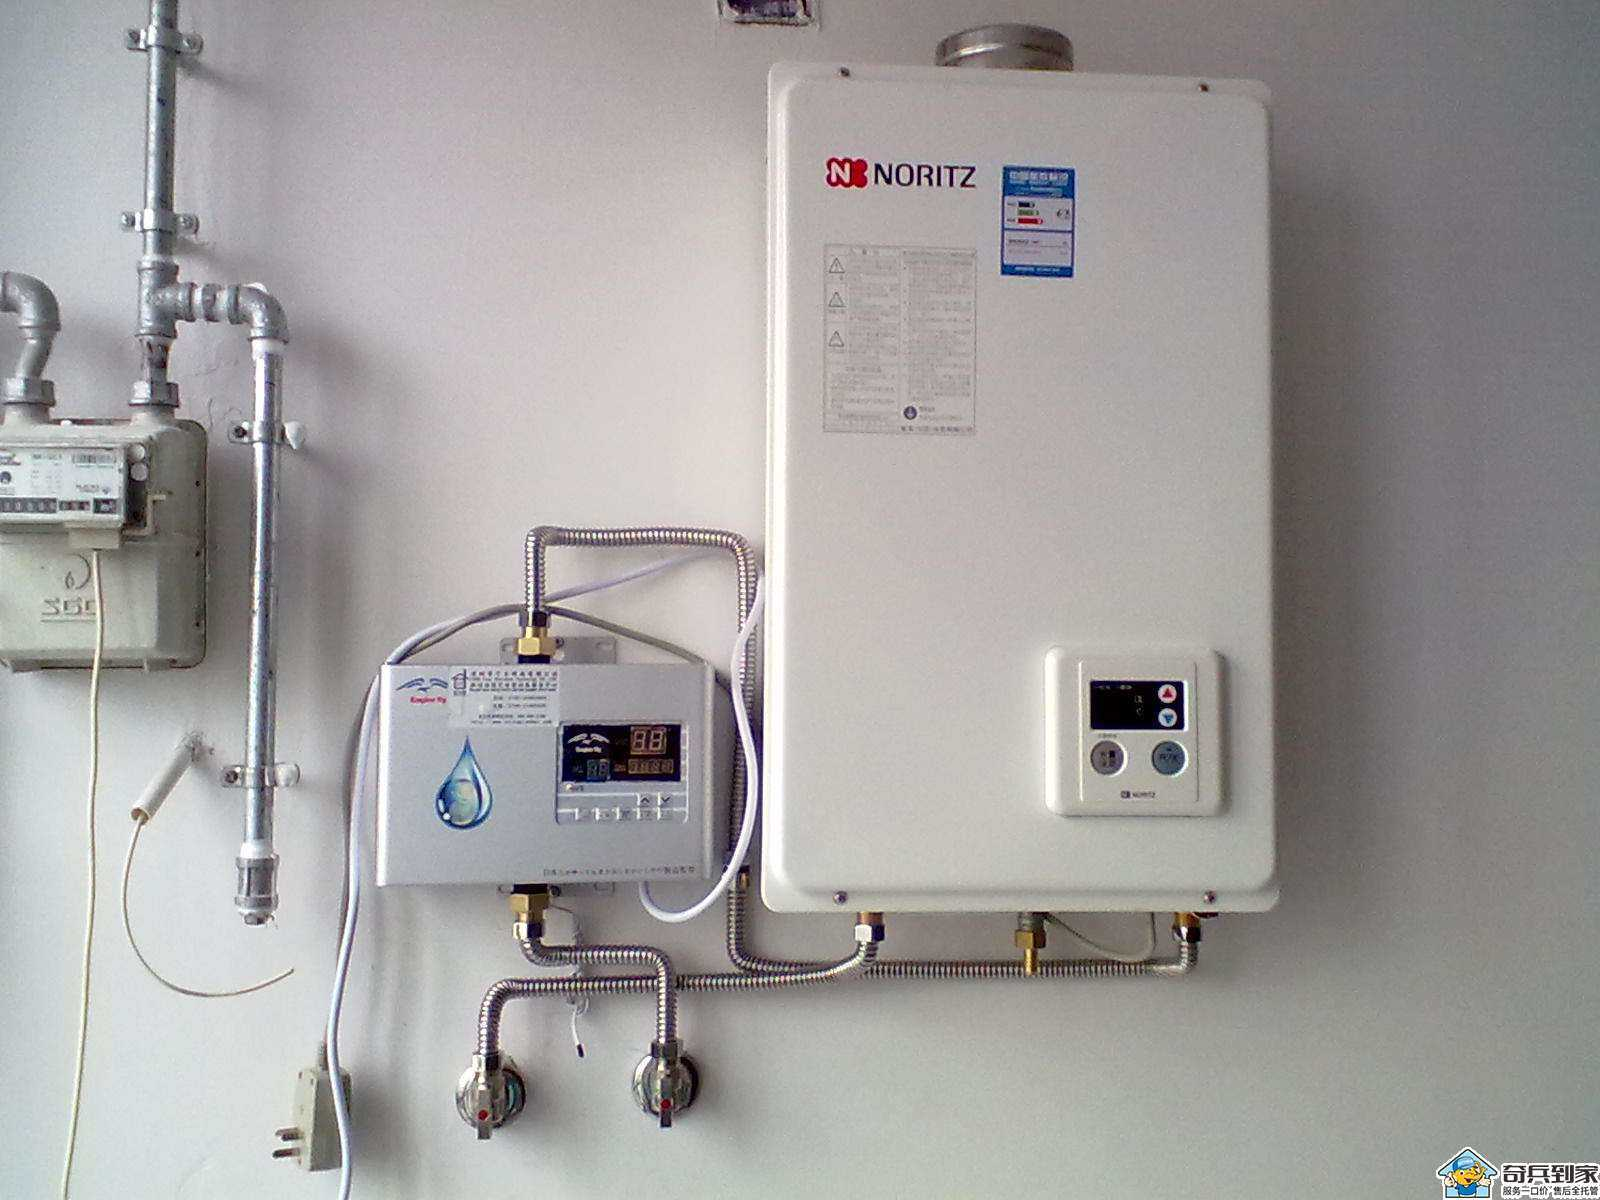 把燃气热水器安装在室外就安全了吗?